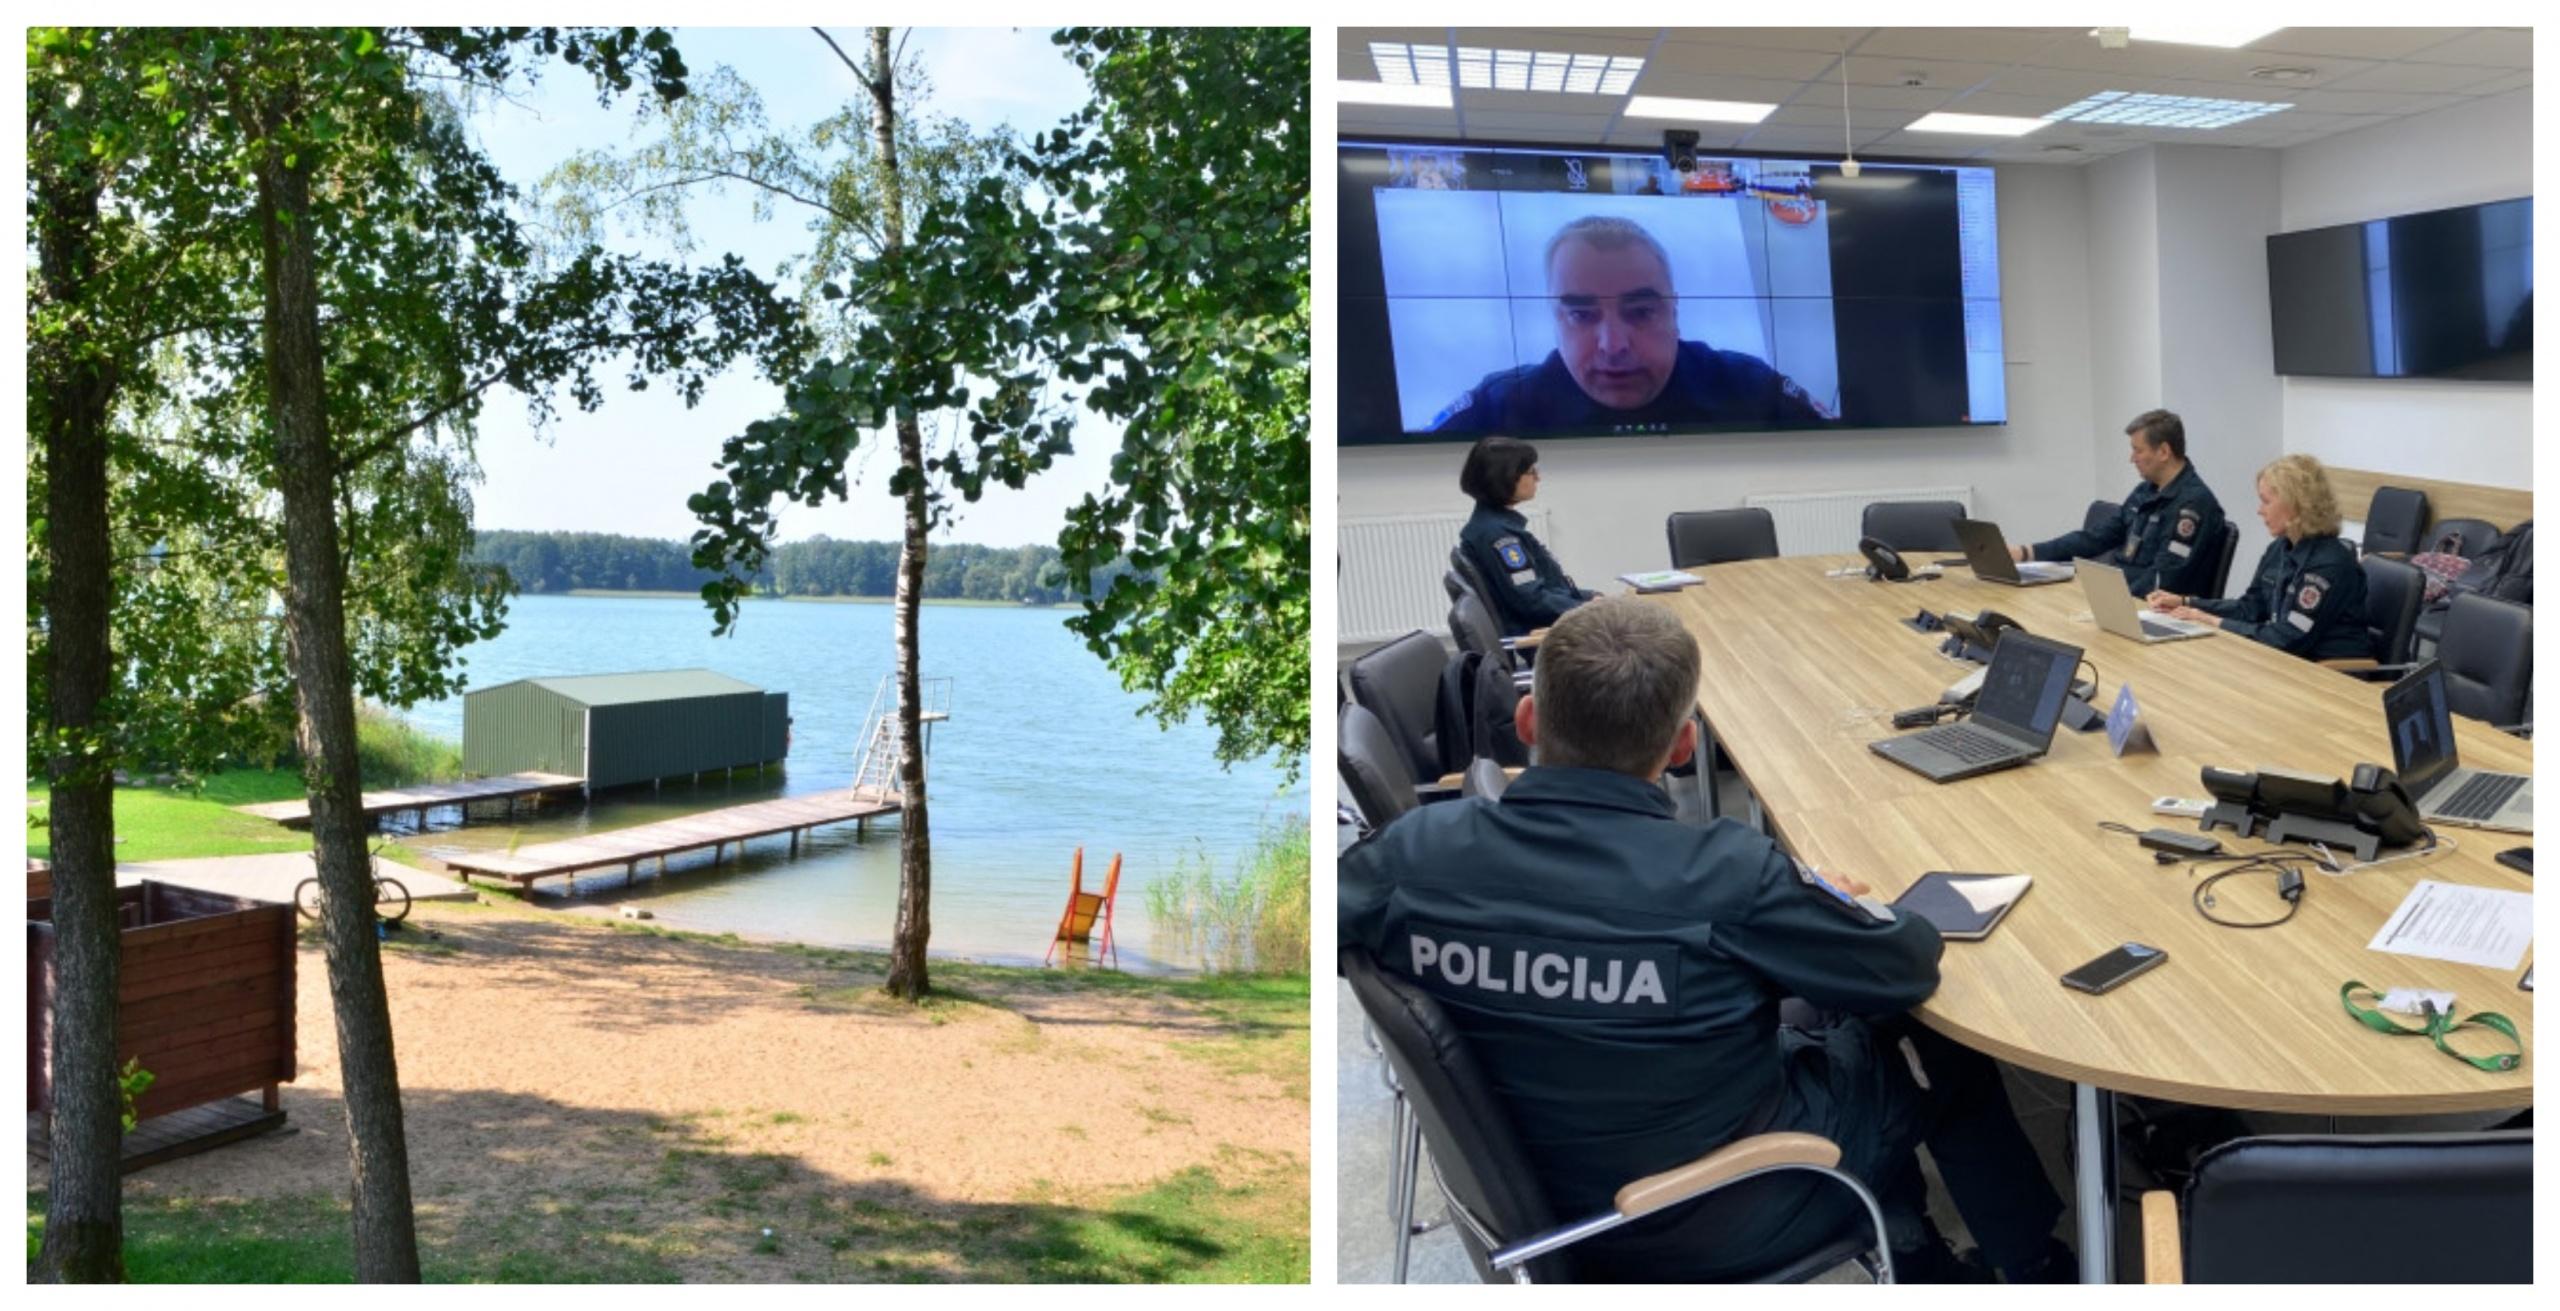 Policija intensyviai ruošiasi vasaros sezonui, pareigūnams talkins šauliai 1